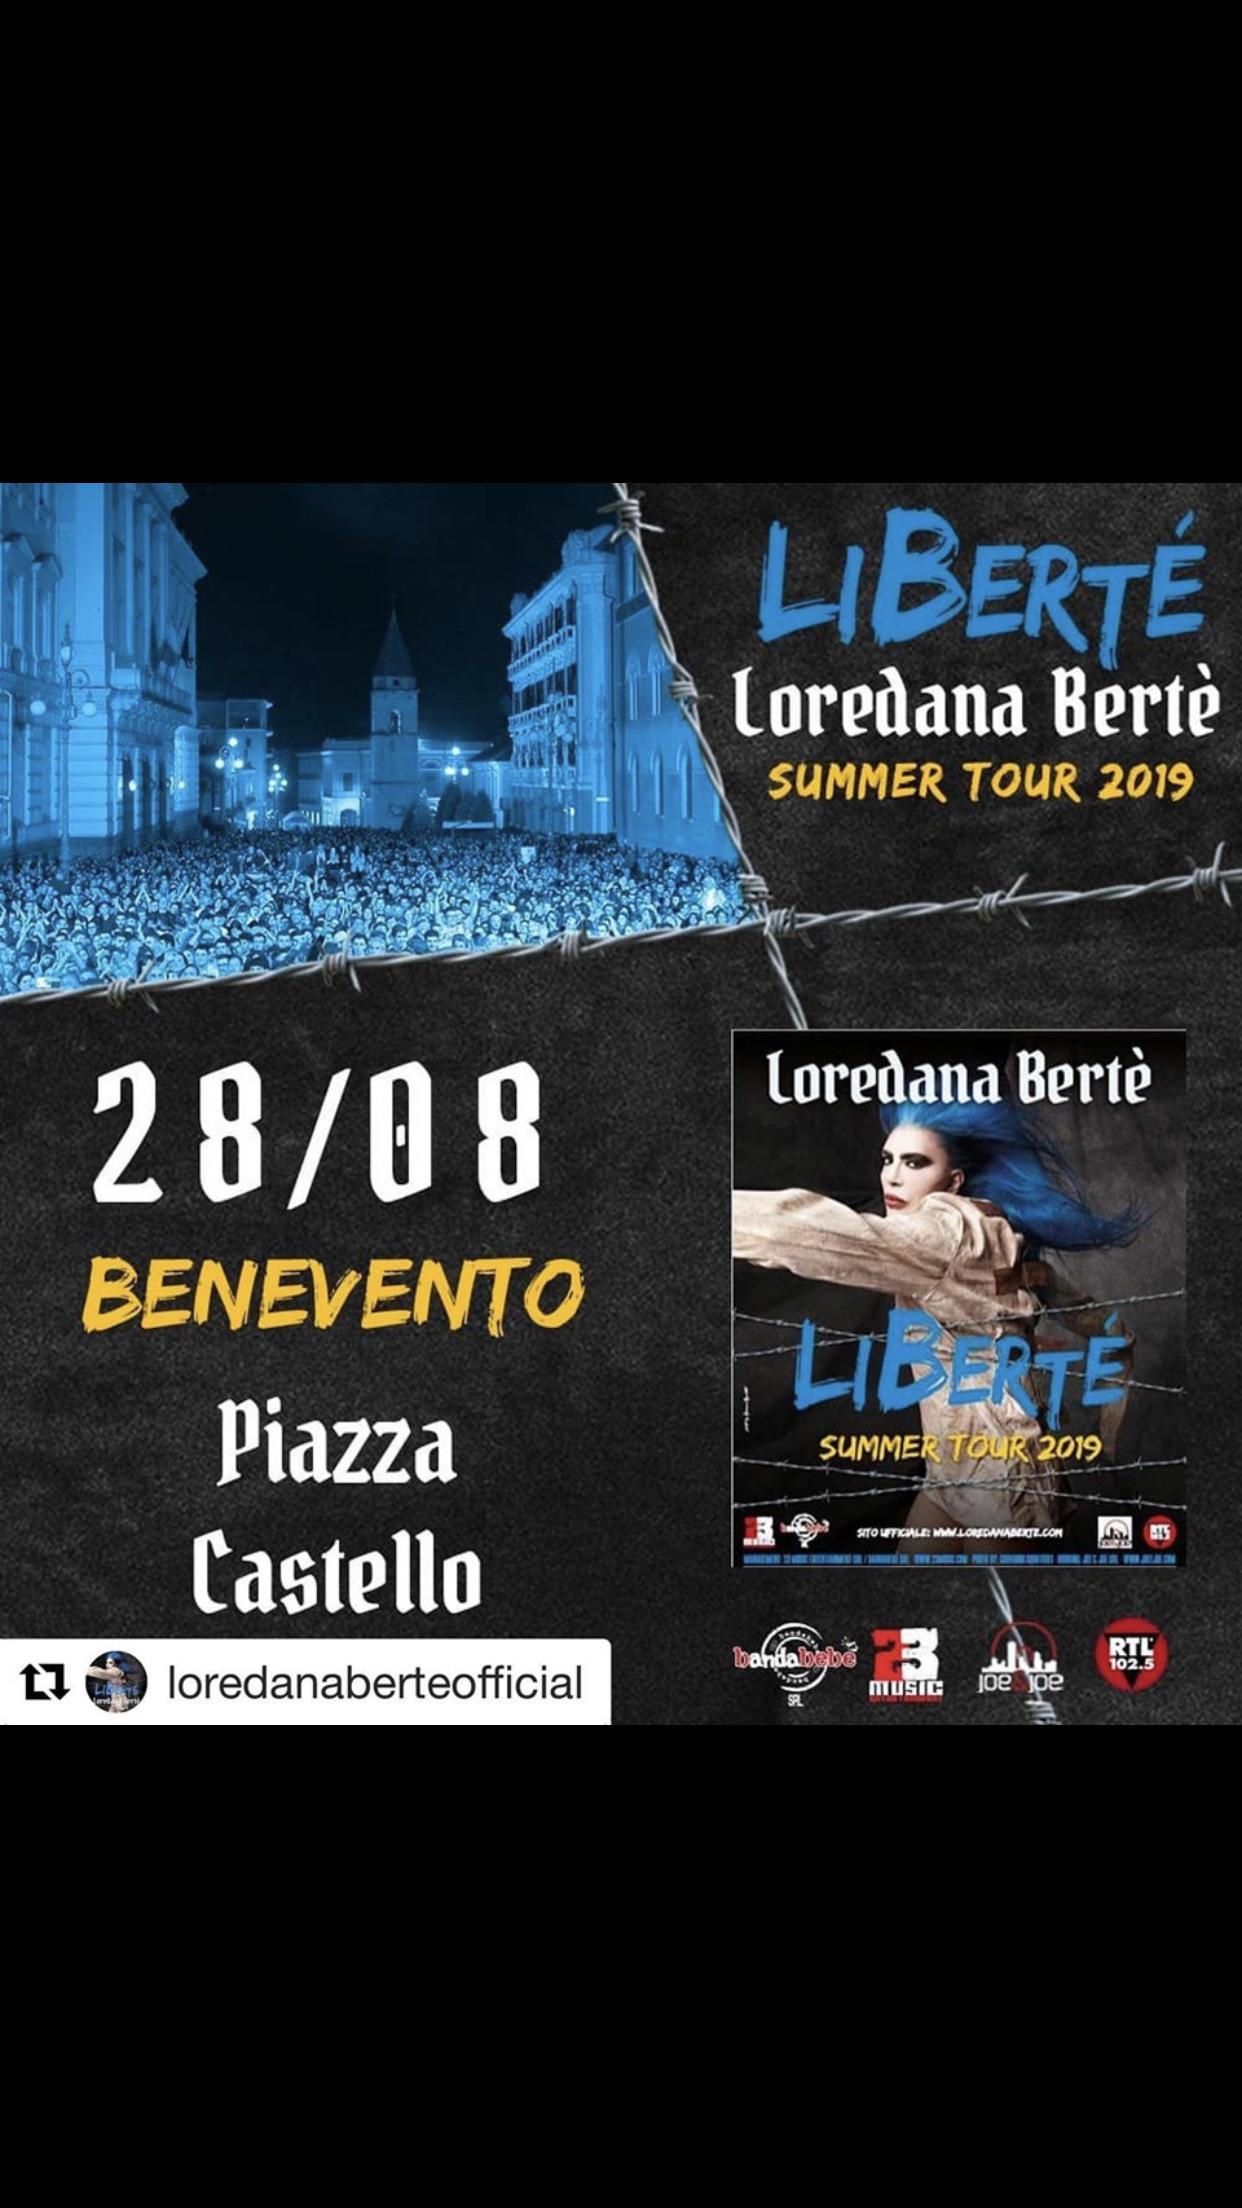 Benevento Città Spettacolo, il primo nome è Loredana Bertè. Concerto il 28 agosto